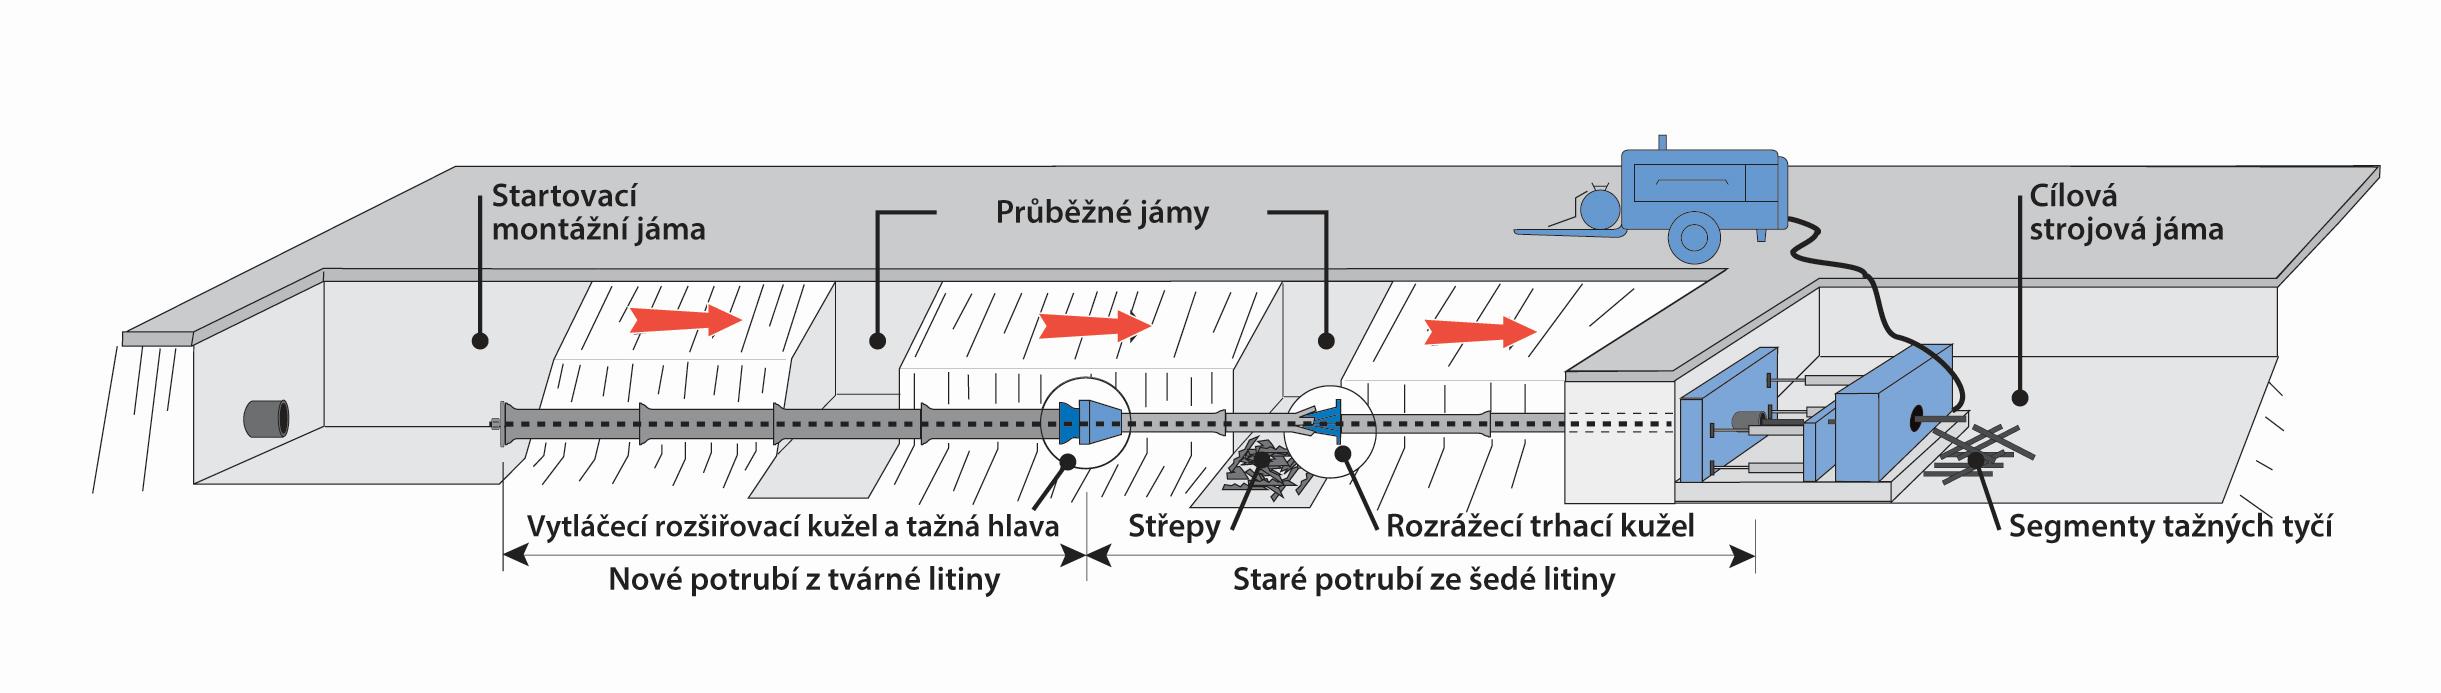 Výměna potrubí roztrhání starého potrubí- saint-gobain PAM